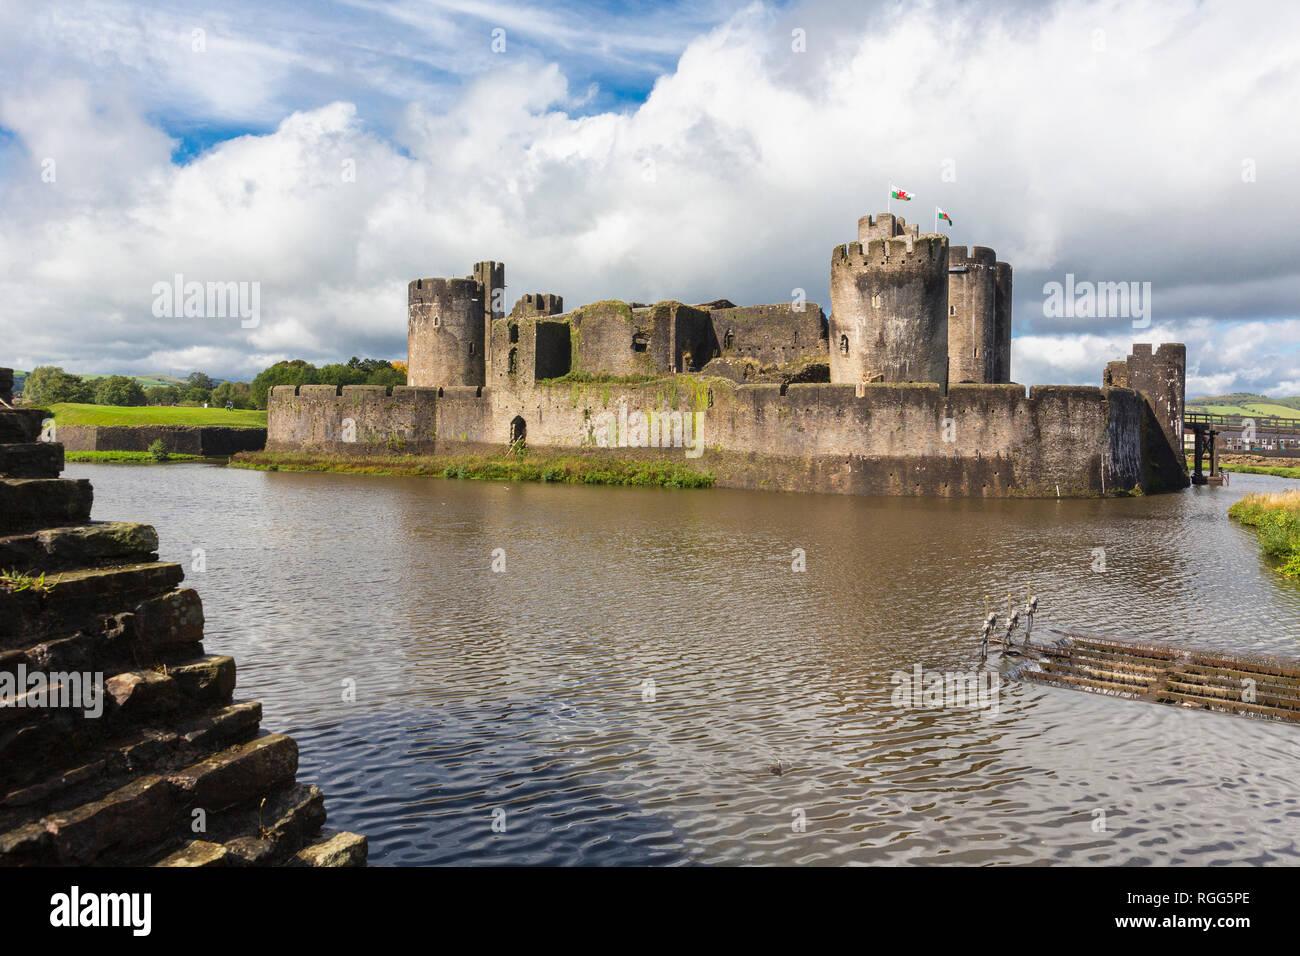 Caerphilly, Caerphilly, Wales, Regno Unito. Castello di Caerphilly con il suo fossato. Immagini Stock